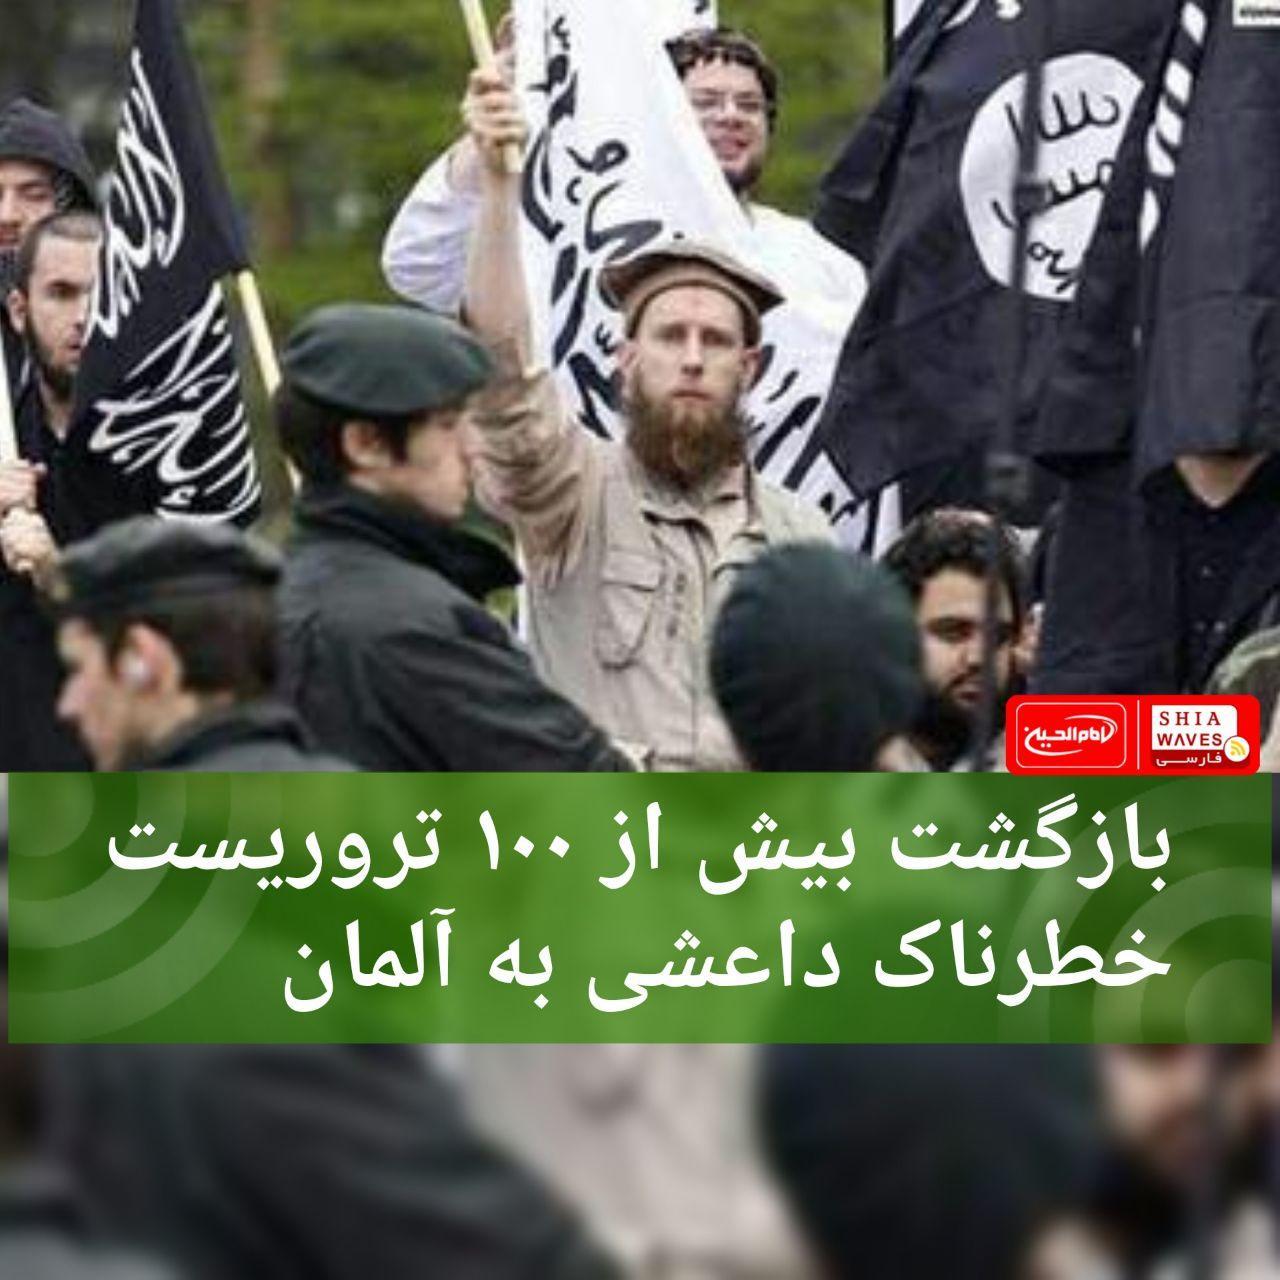 تصویر بازگشت بیش از ۱۰۰ تروریست خطرناک داعشی به آلمان